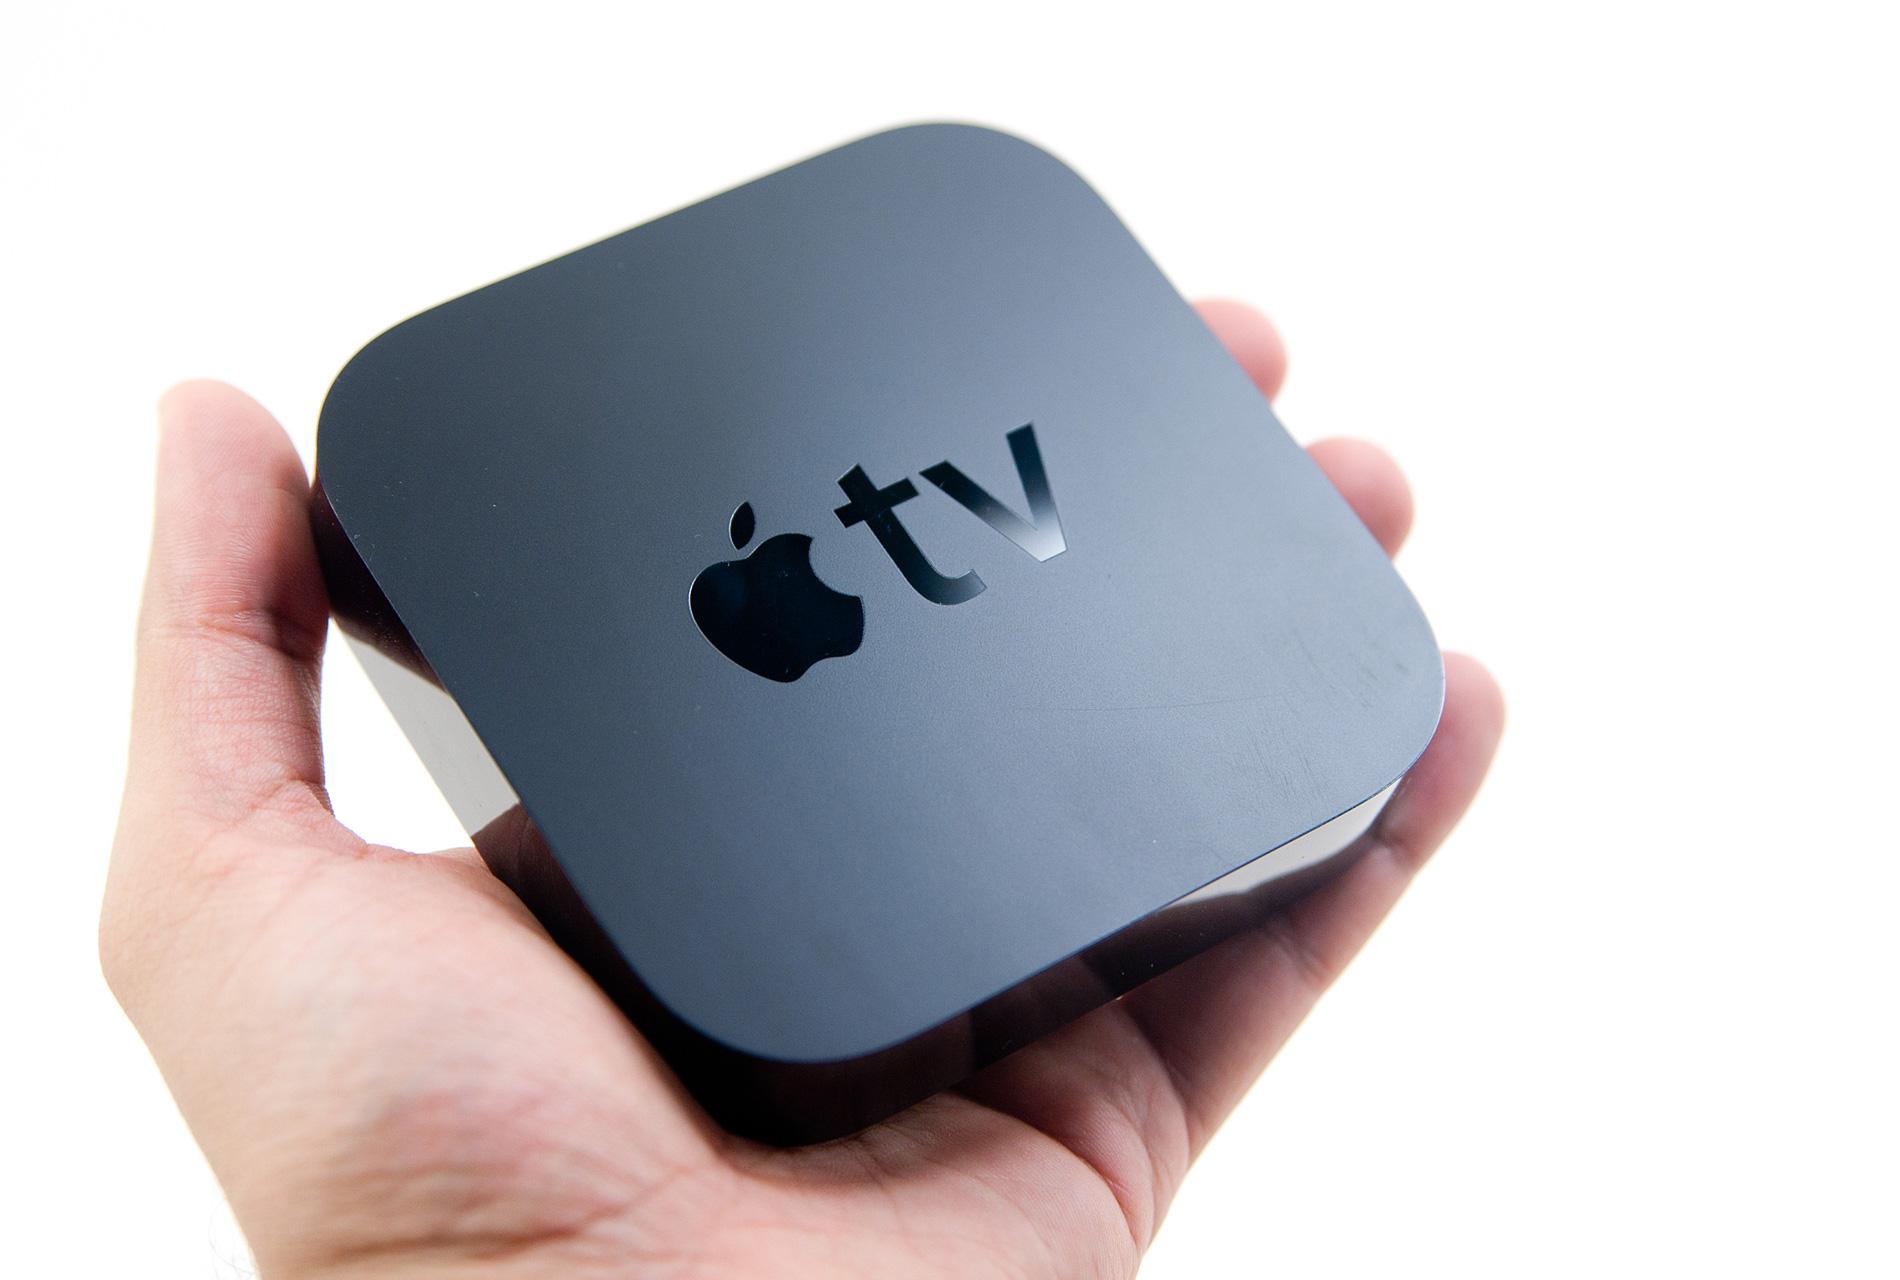 高價位現身? | 第四代 Apple TV 或賣過千元